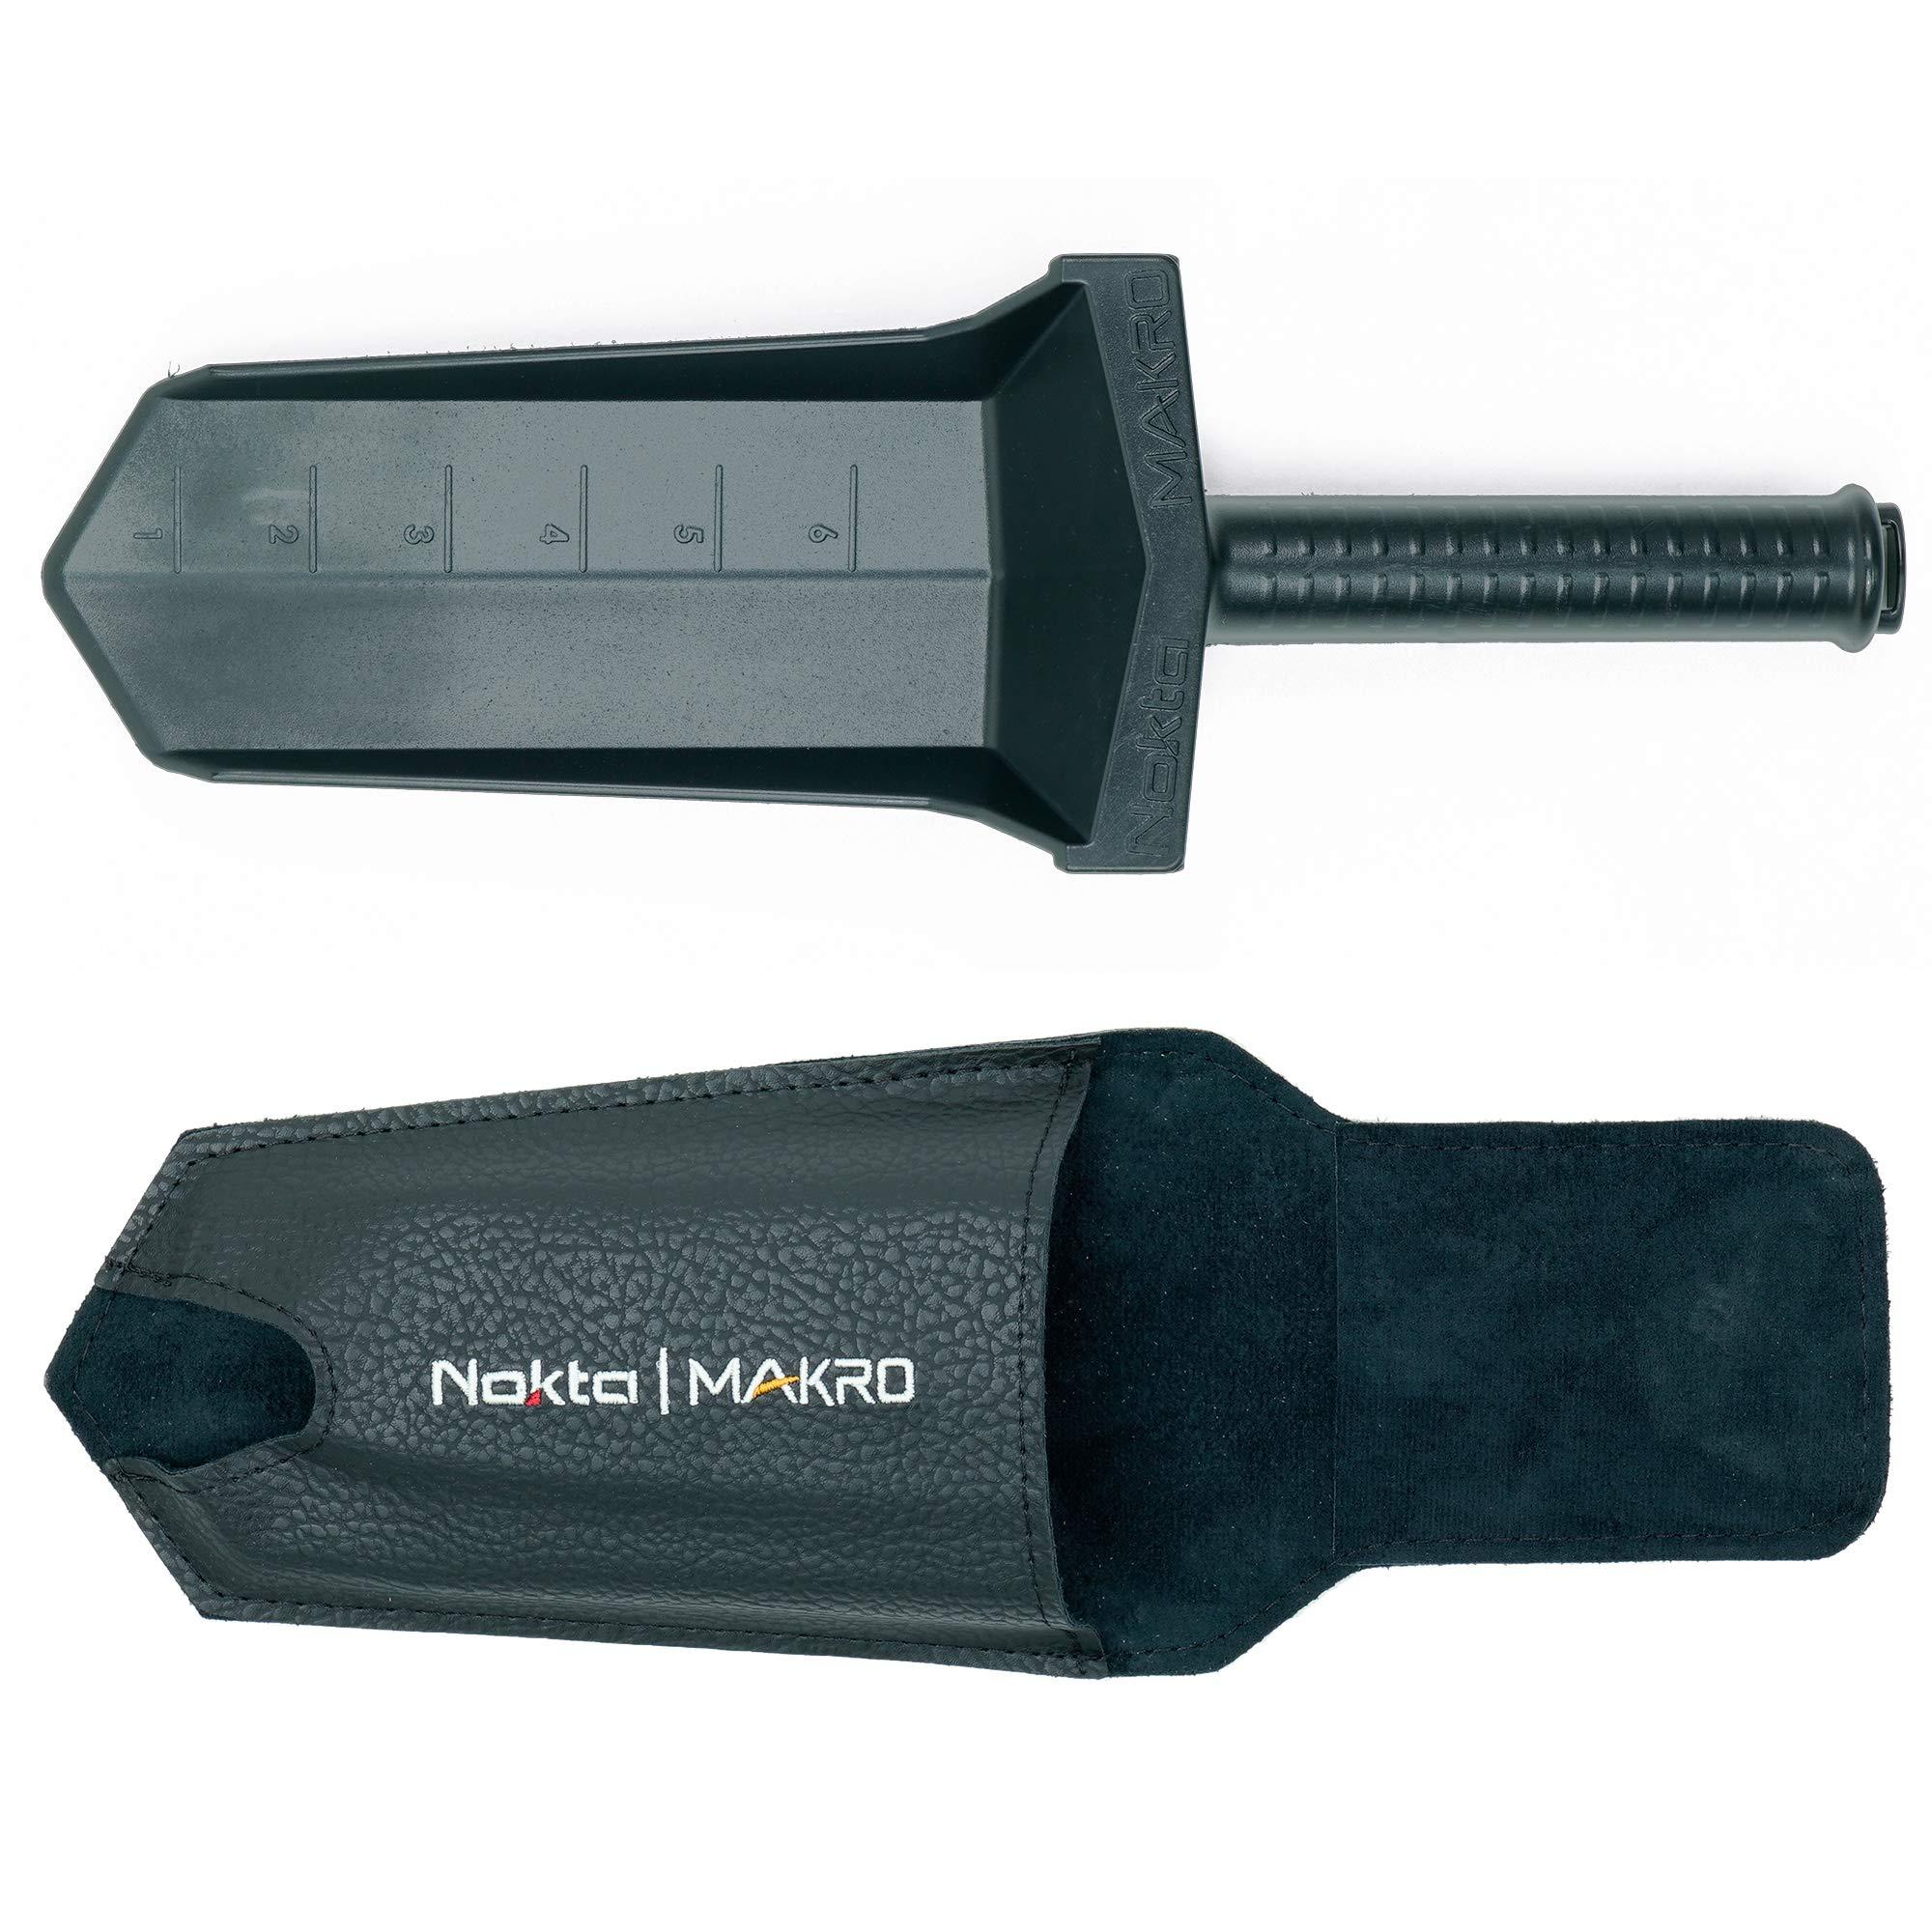 Nokta Makro Standard Digger with Belt Holster